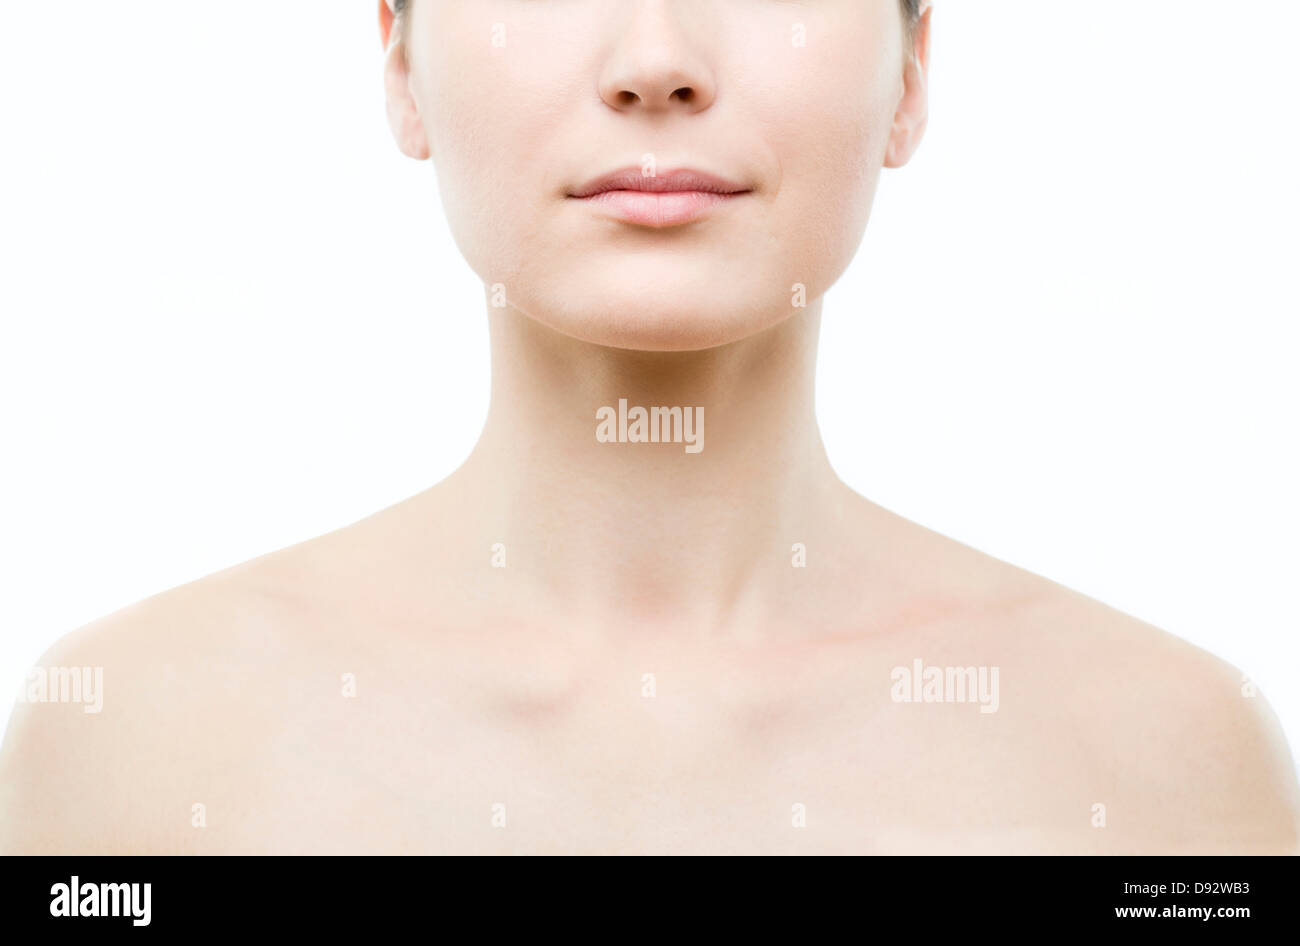 Inquadratura Simmetrica Di Donna Di Spalle E Testa Foto Immagine